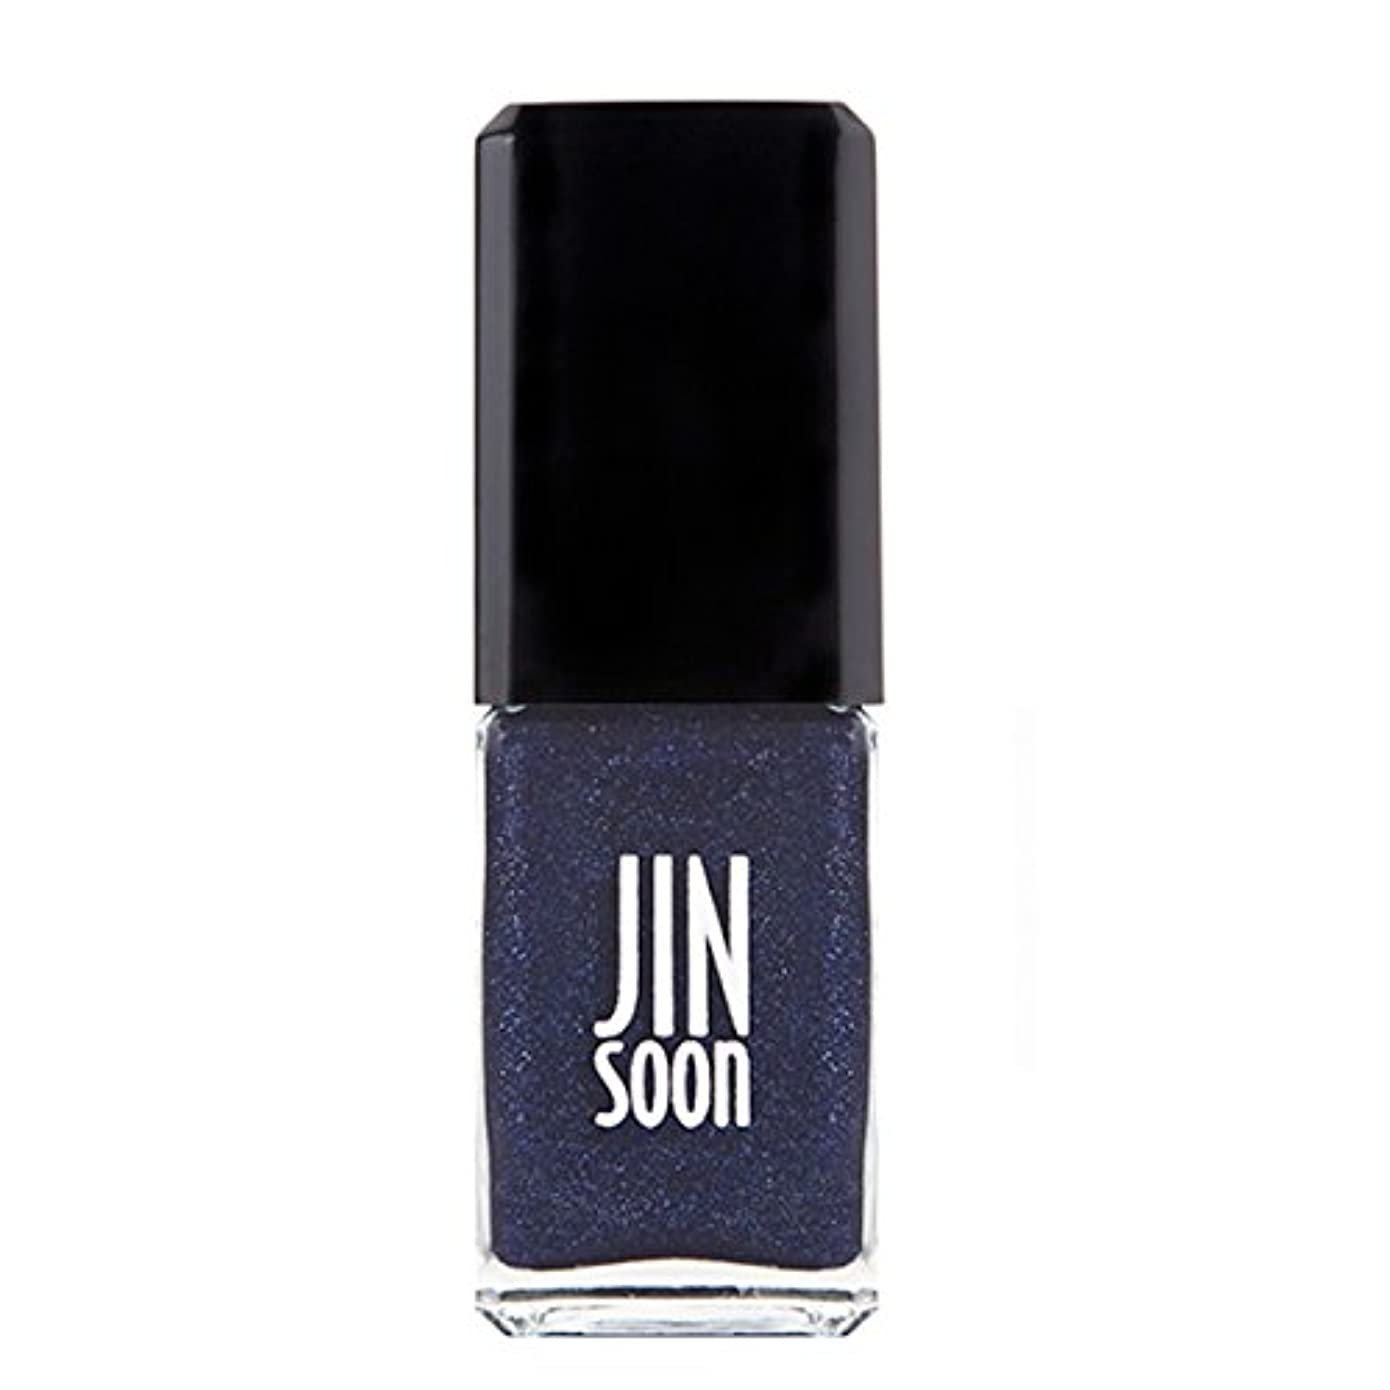 格差嫌悪理想的[ジンスーン] [ jinsoon] アズライト(スパークリング ミッドナイト ブルー)AZURITE ジンスーン 5フリー ネイルポリッシュ ブルー 11mL